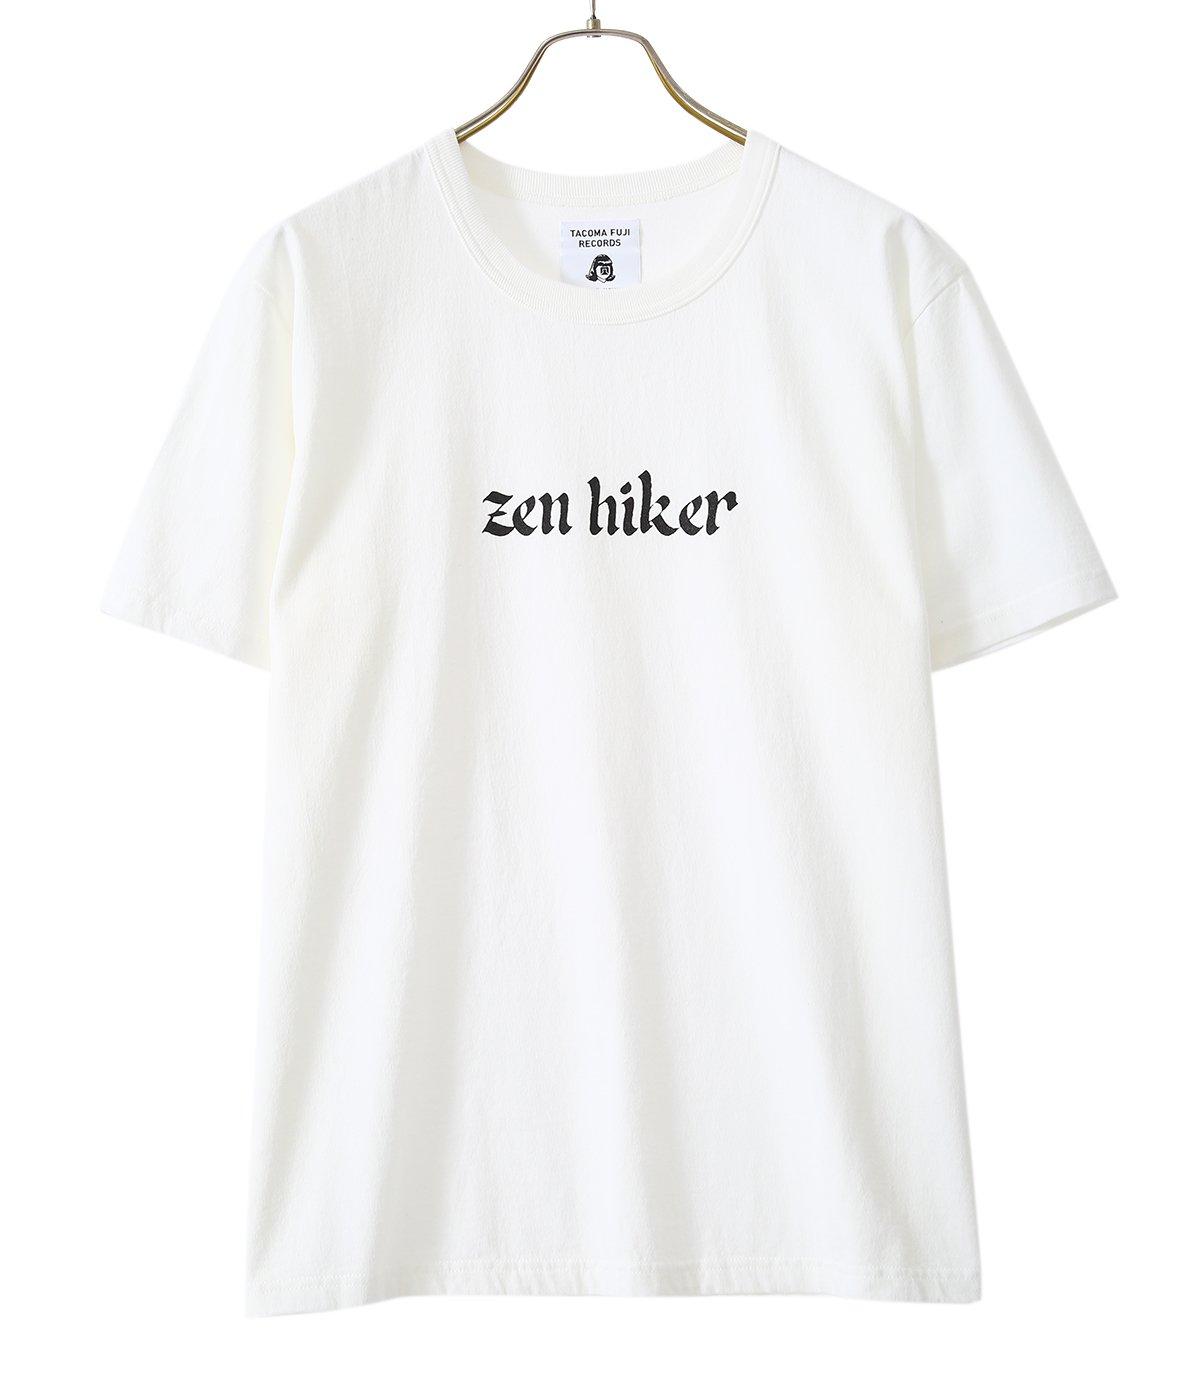 zen hiker (EP)